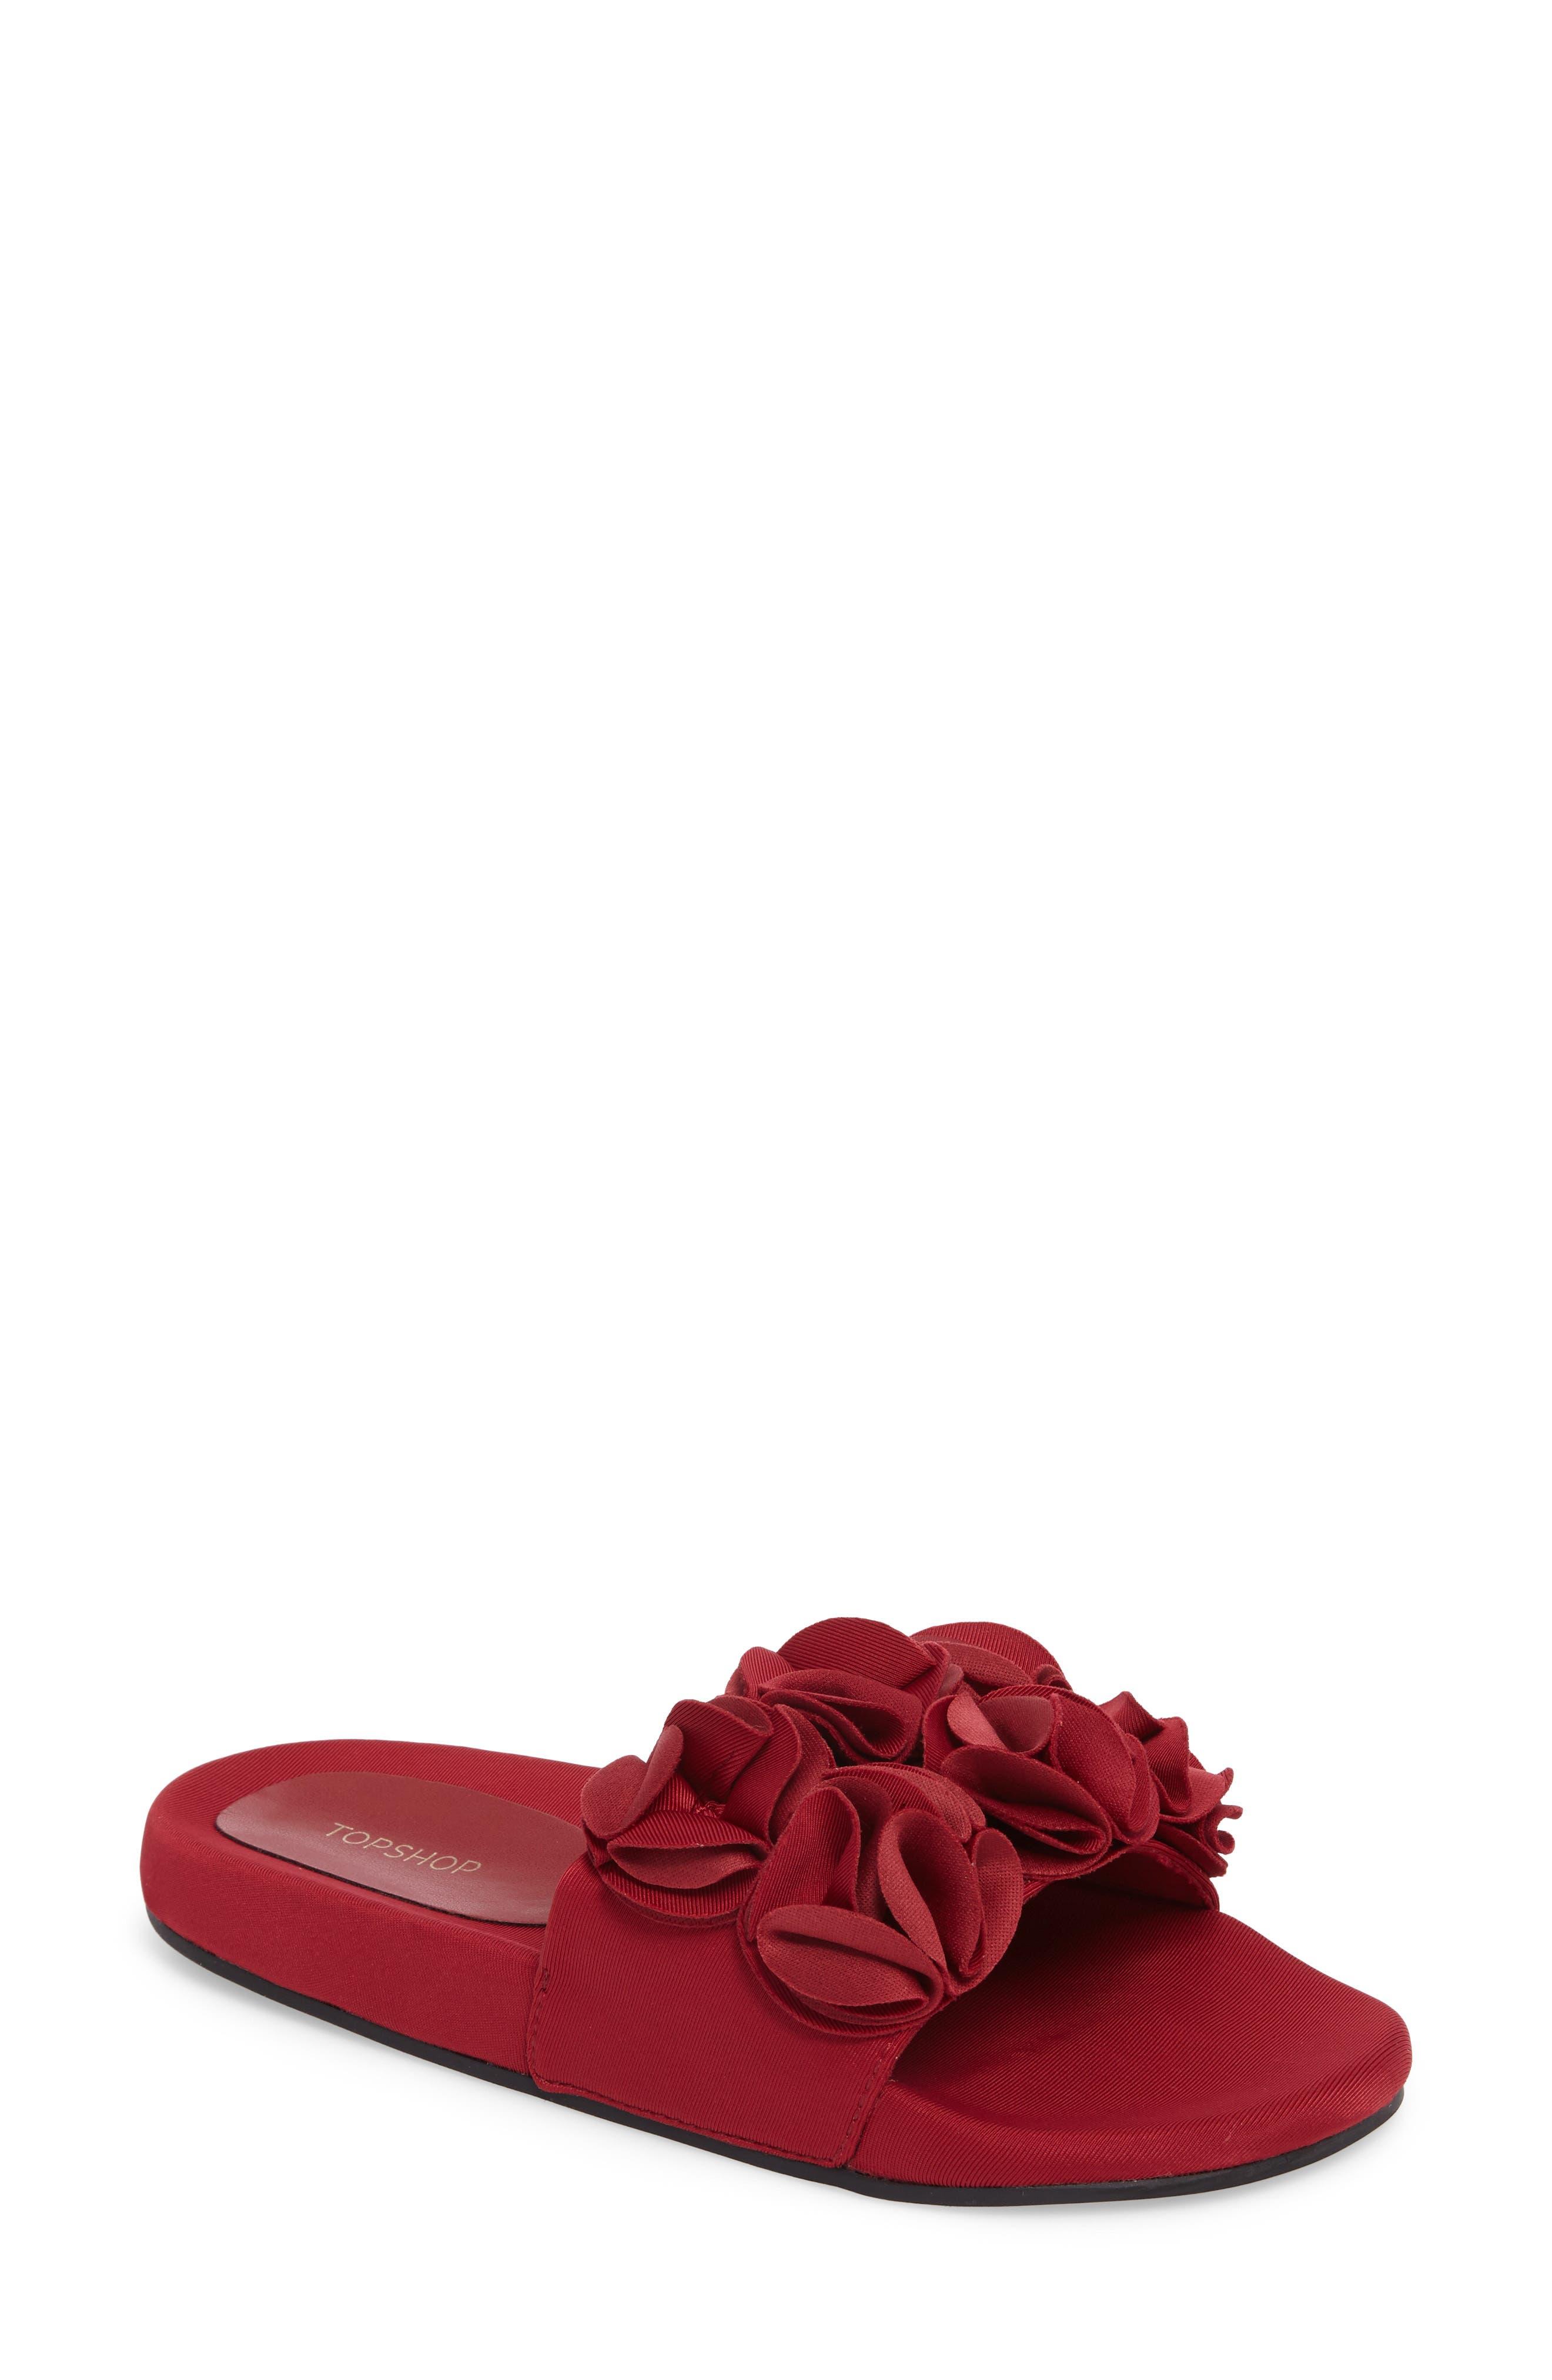 Topshop Hewitt Ruffle Slide Sandal (Women)